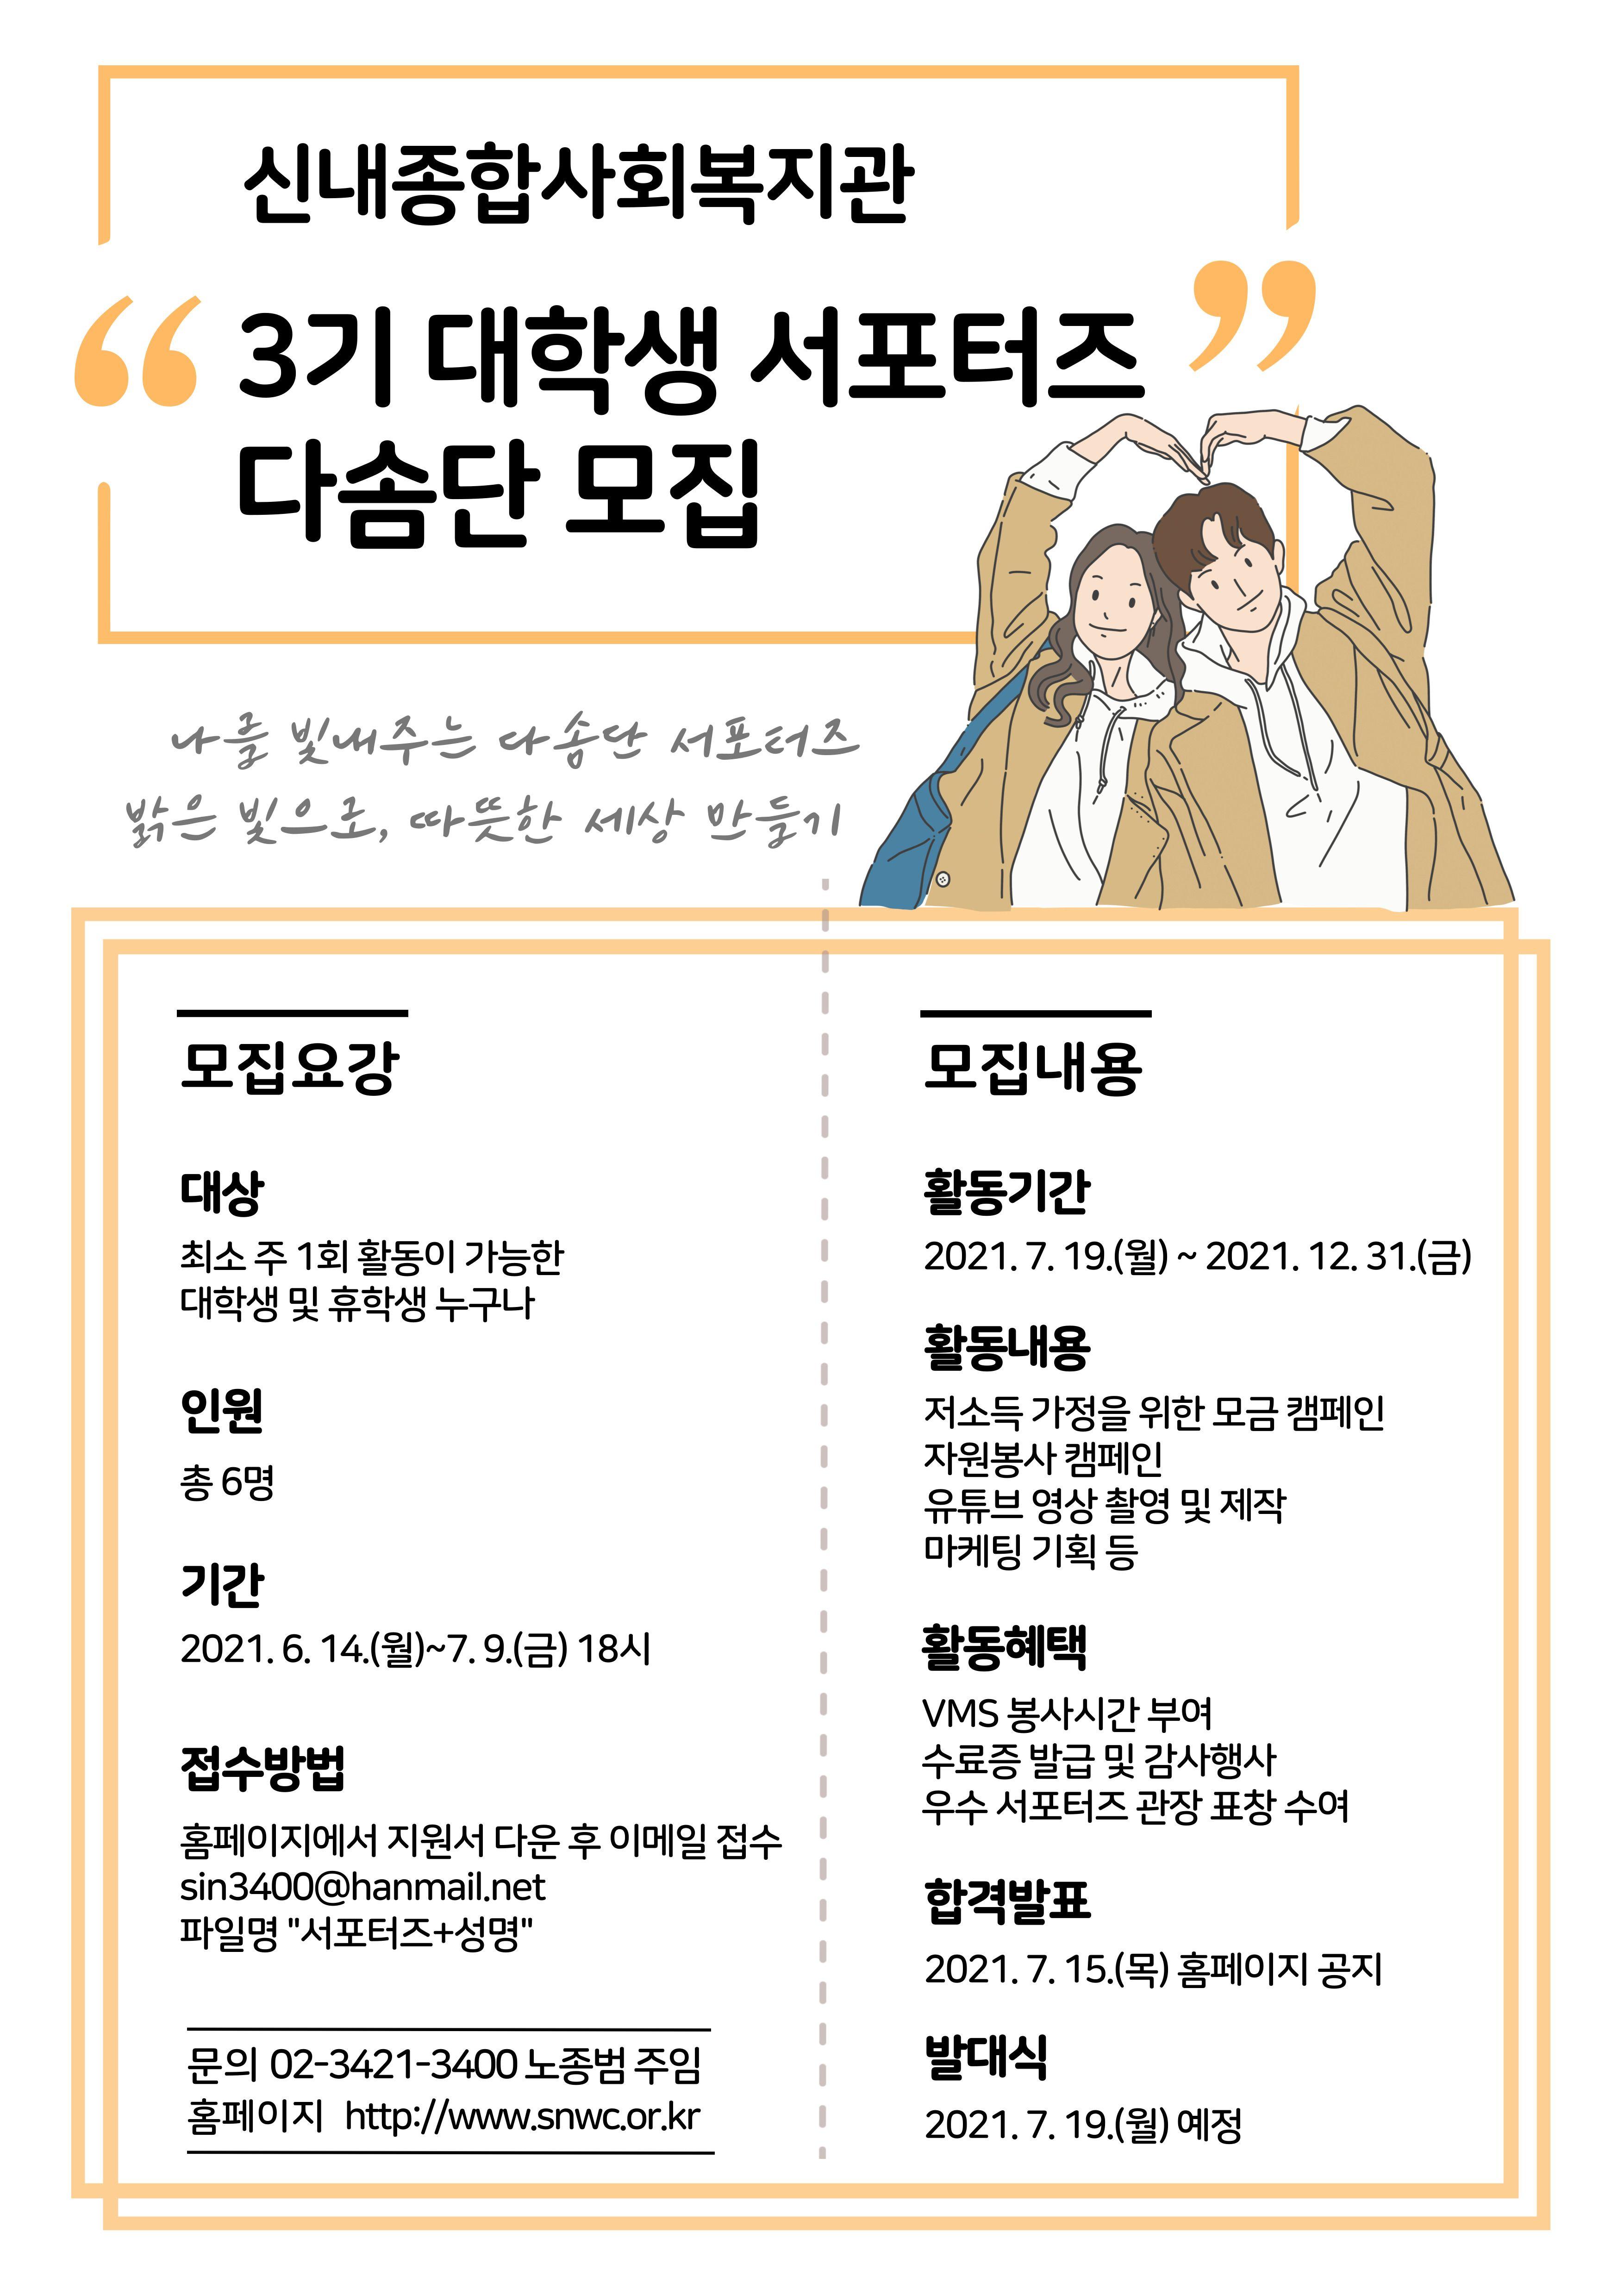 대학생 서포터즈 다솜단